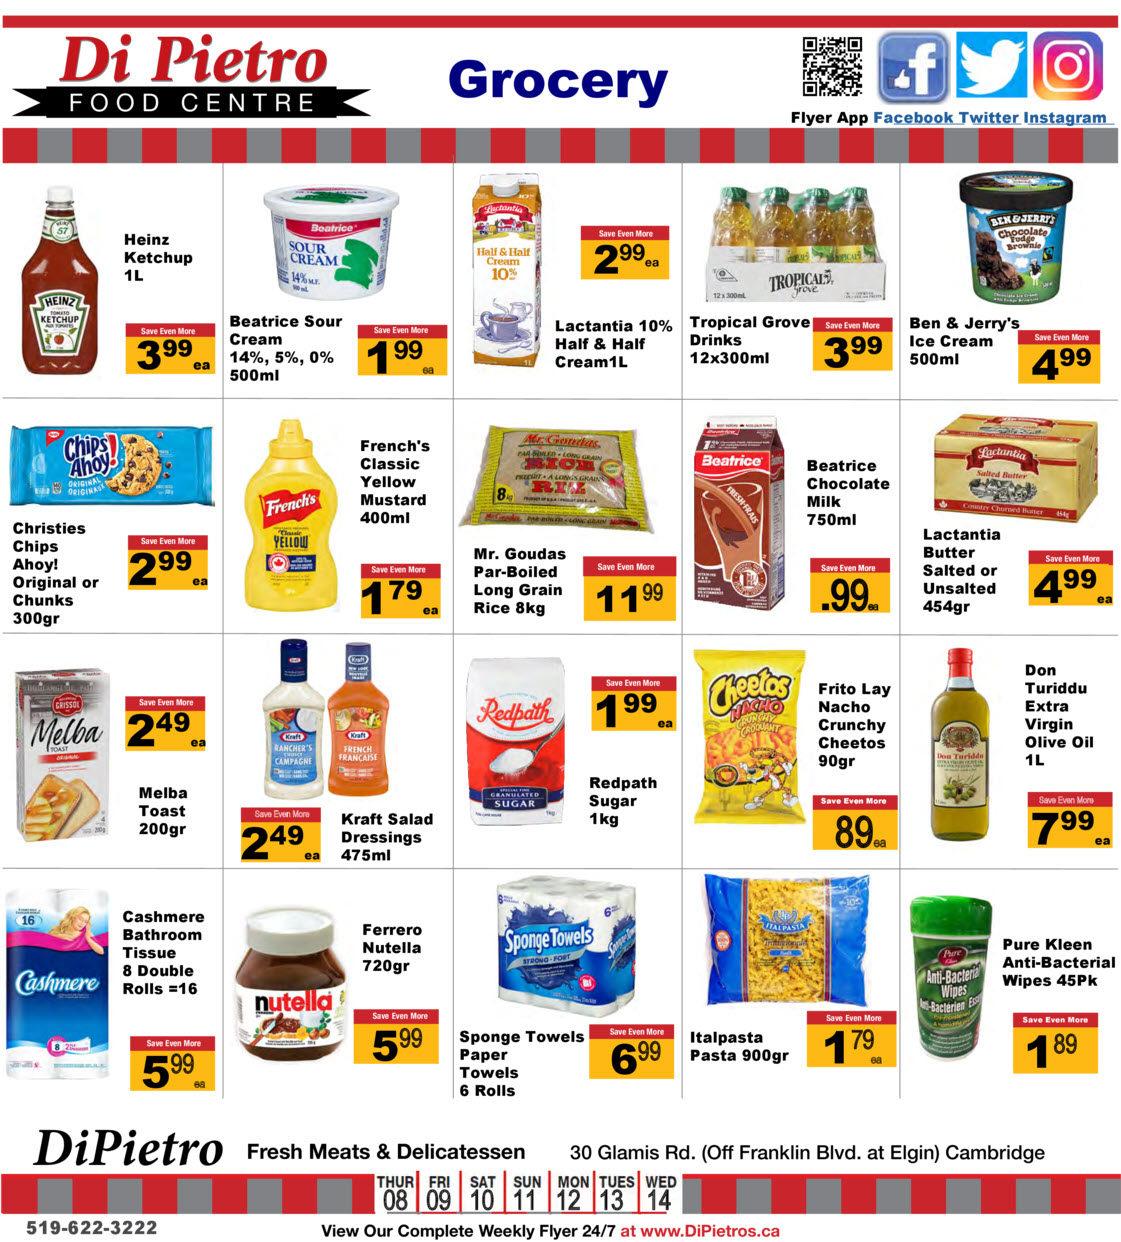 DiPietro - Weekly Flyer Specials - Page 6